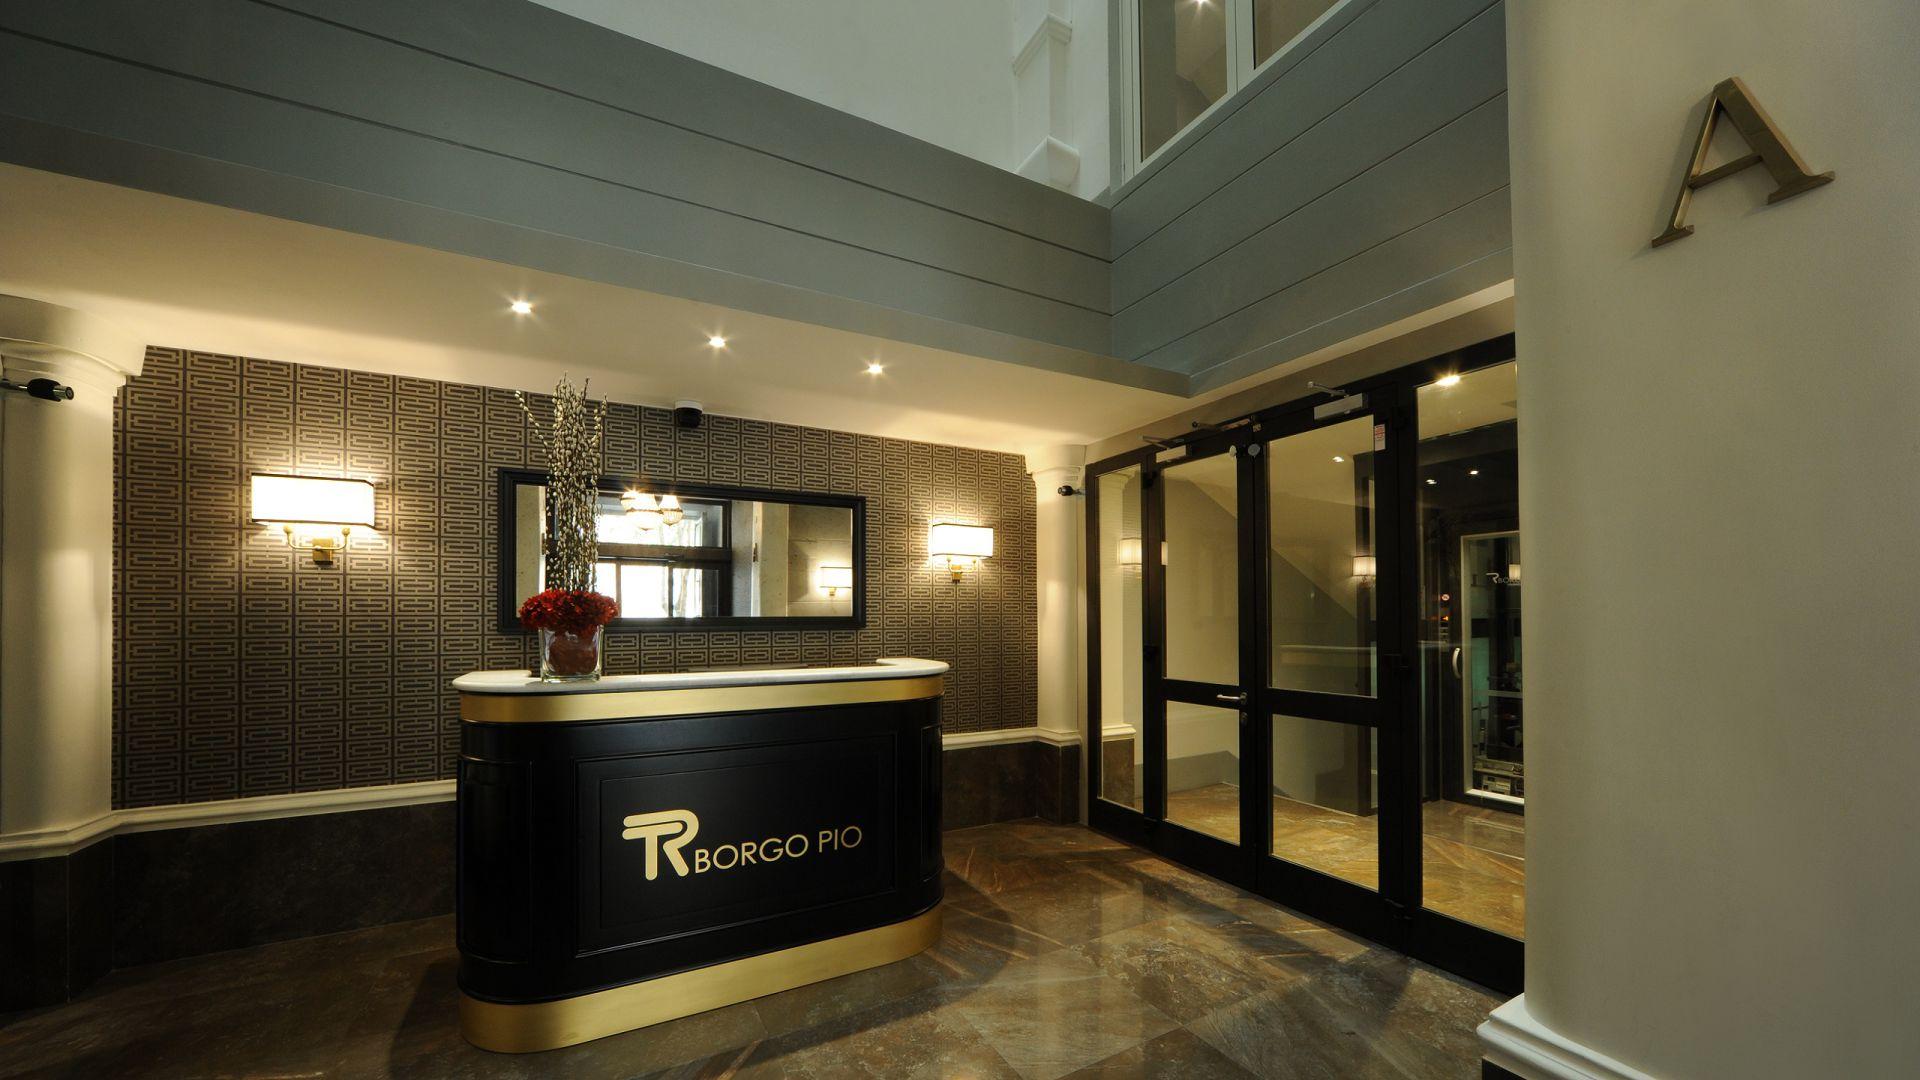 trianon-borgo-pio-roma-reception-7